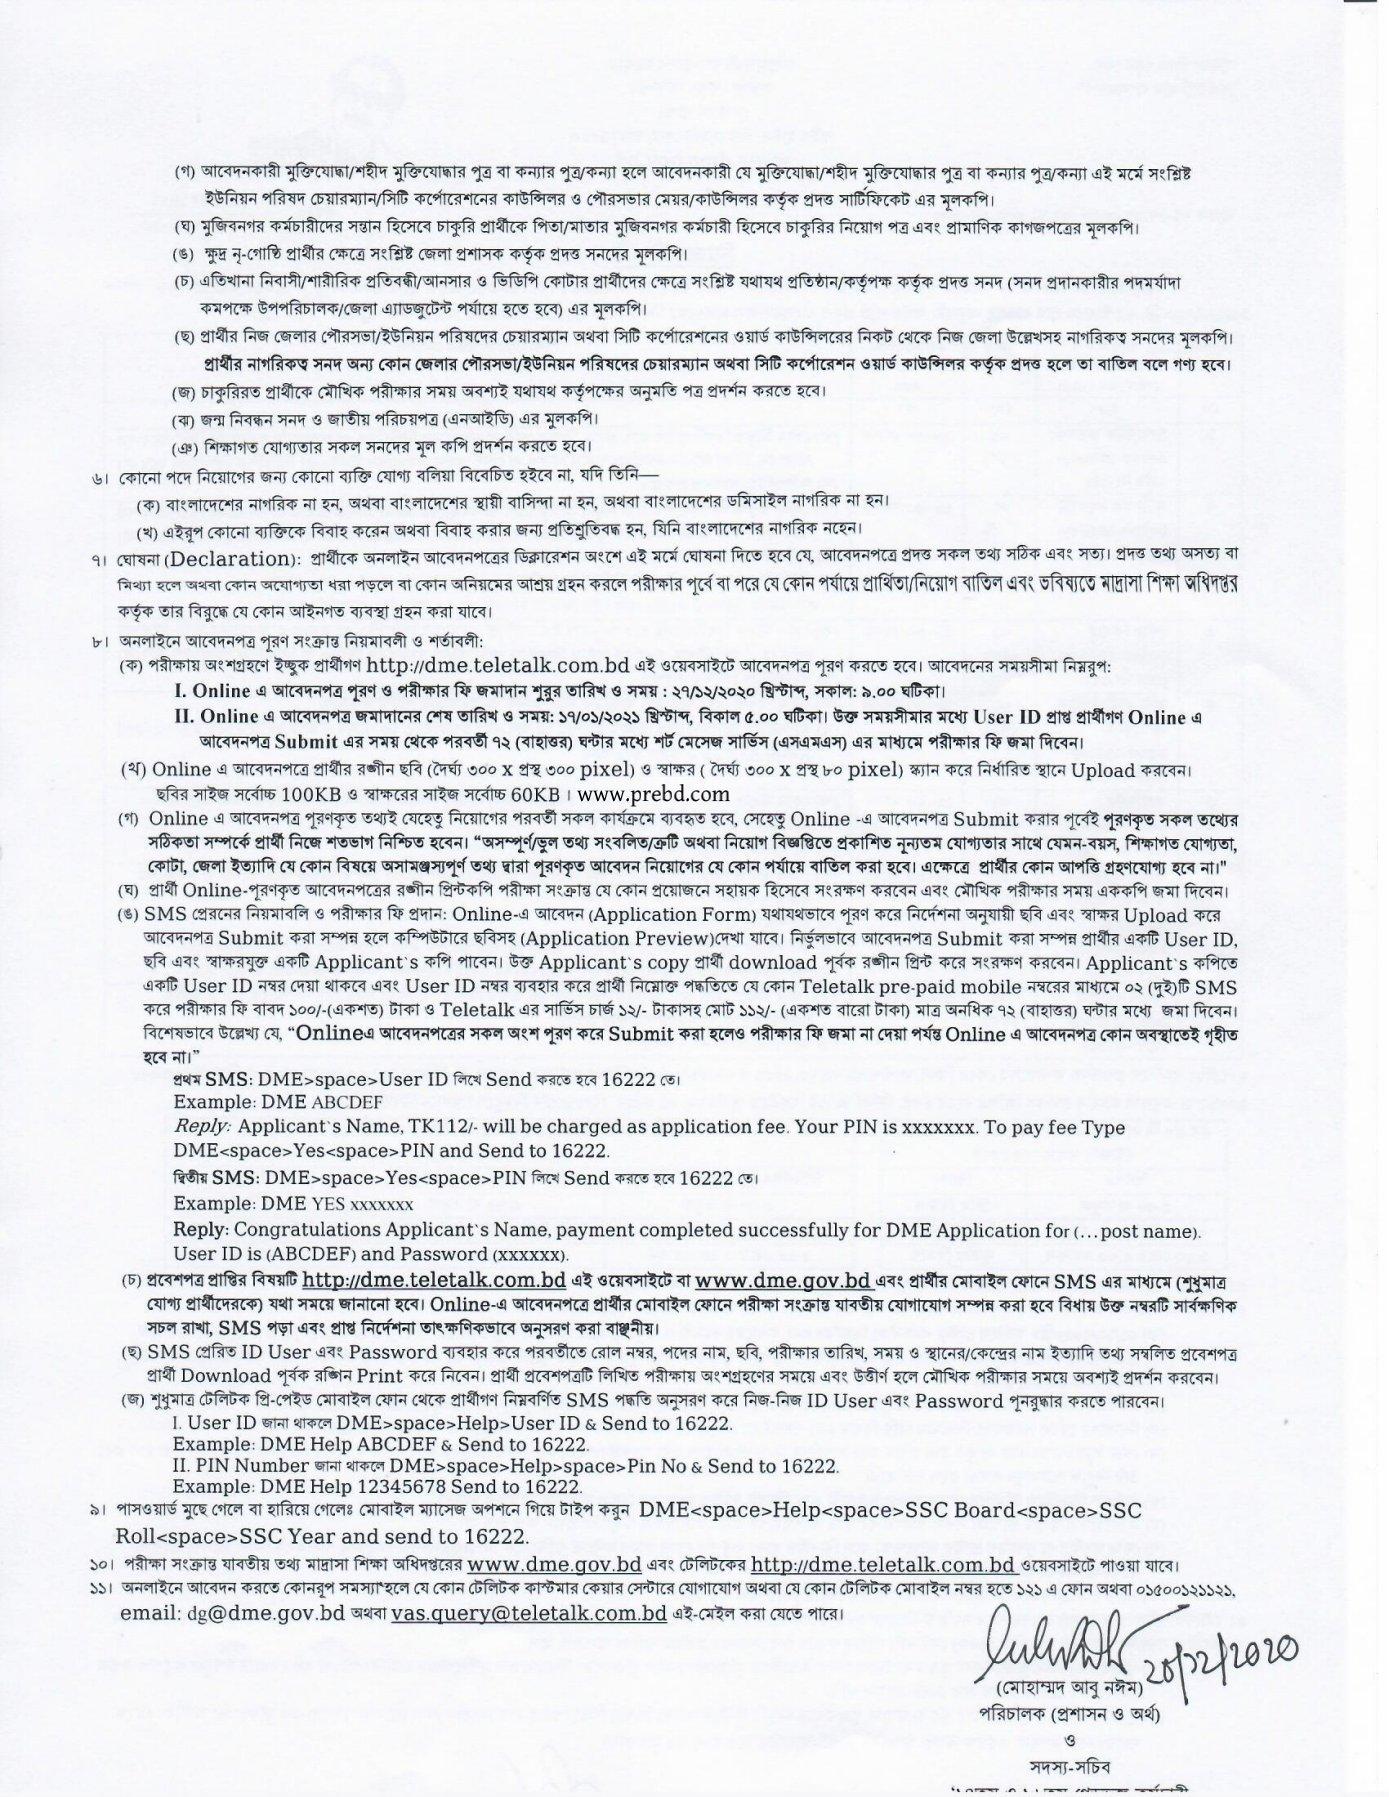 মাদ্রাসা শিক্ষা অধিদপ্তর এ বিভিন্ন পদে নিয়োগ বিজ্ঞপ্তি